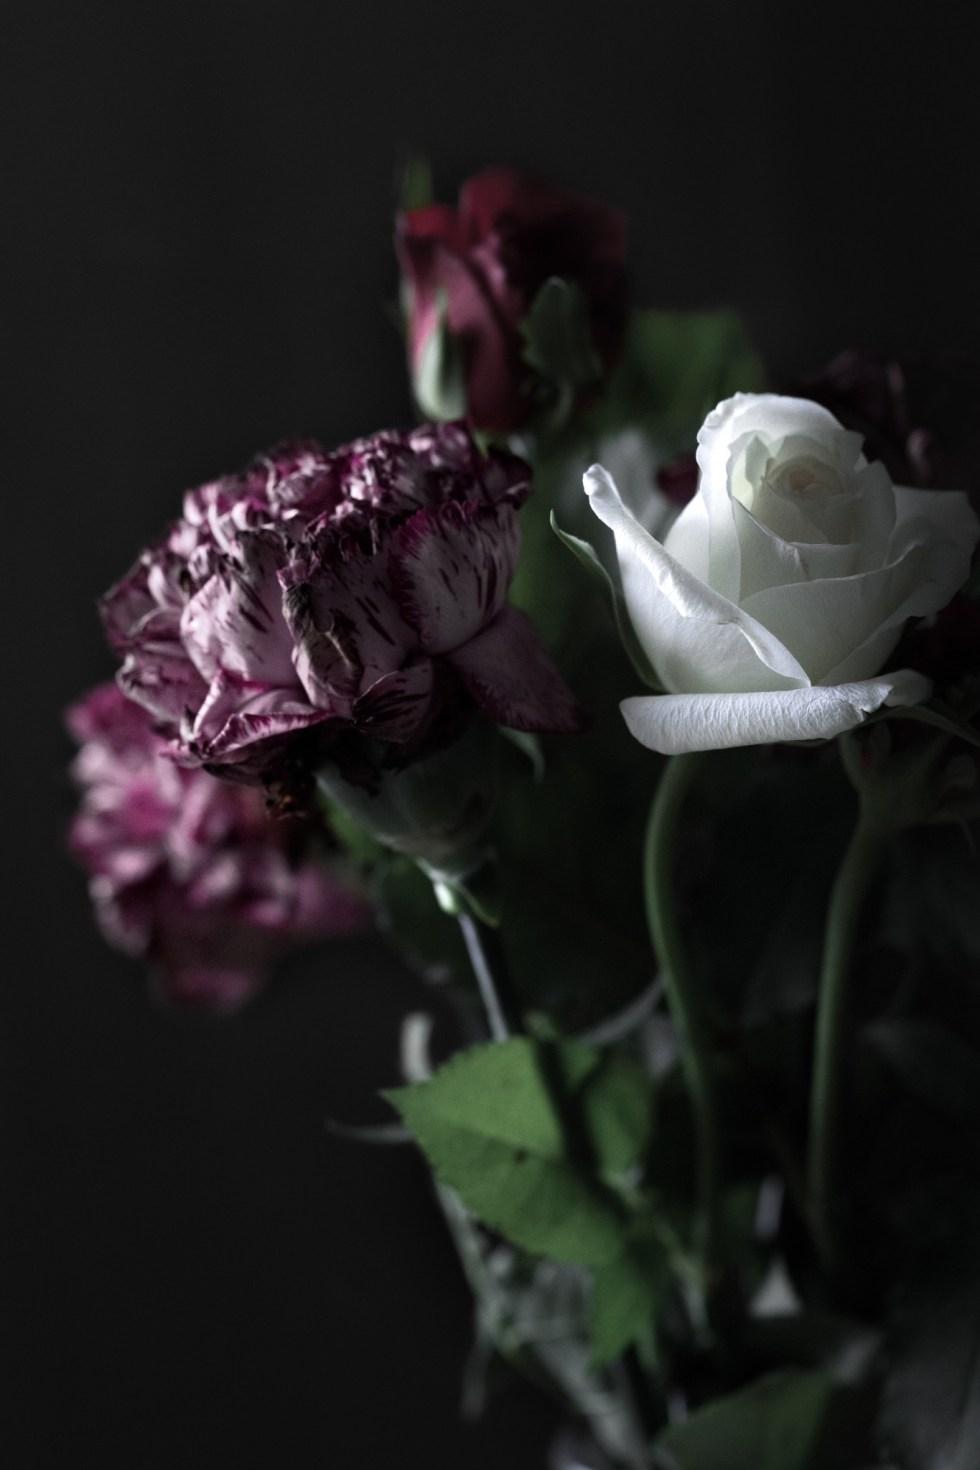 jus, abricots, courgettes, été, bouquets de fleurs, roses, oeillets, plateau, nature morte